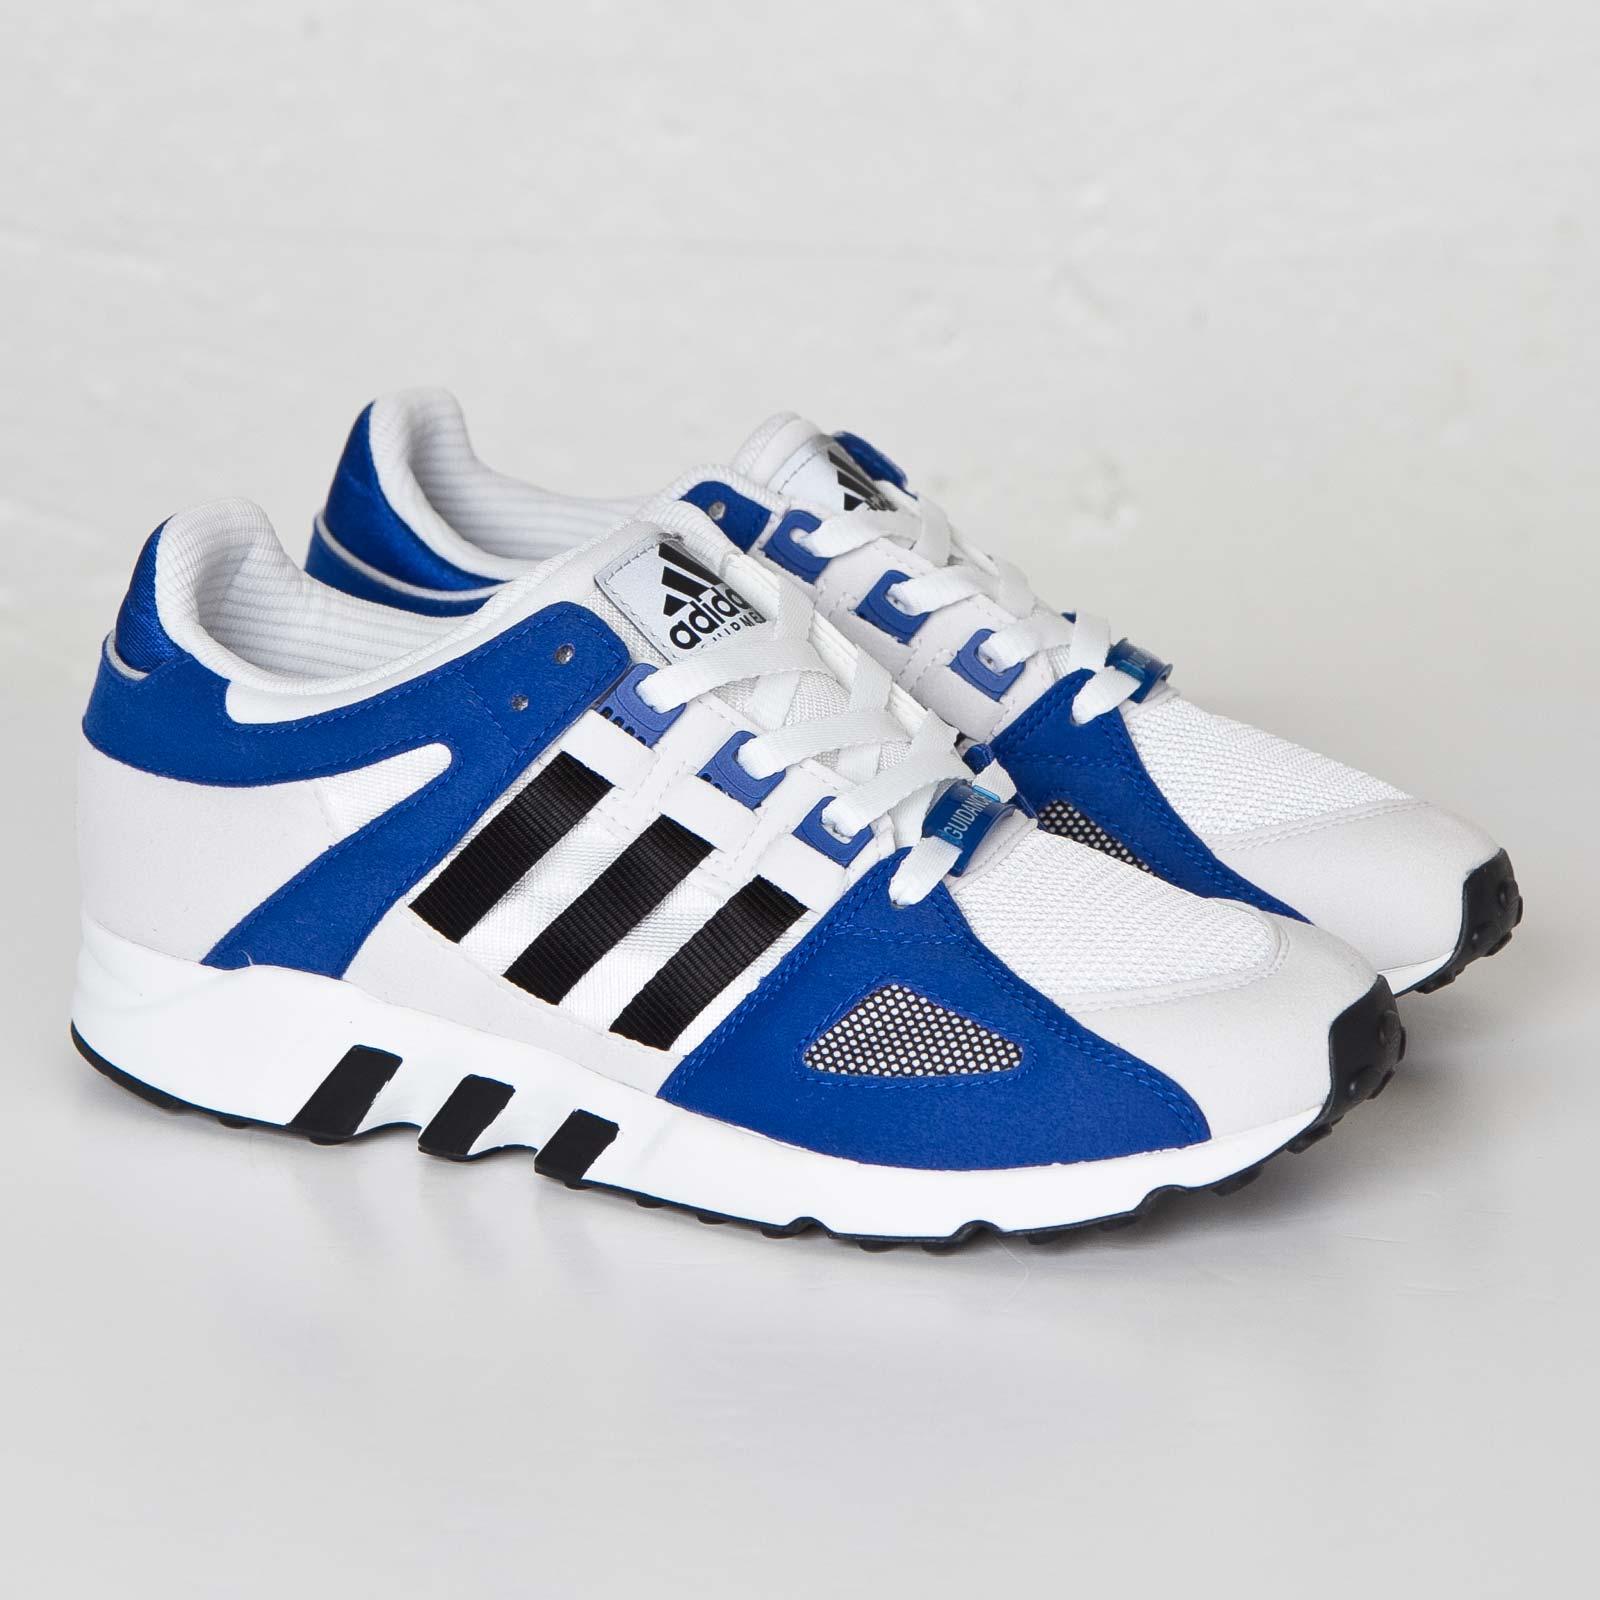 7e08d5b6 adidas Equipment Running Guidance 93 - S77281 - Sneakersnstuff ...